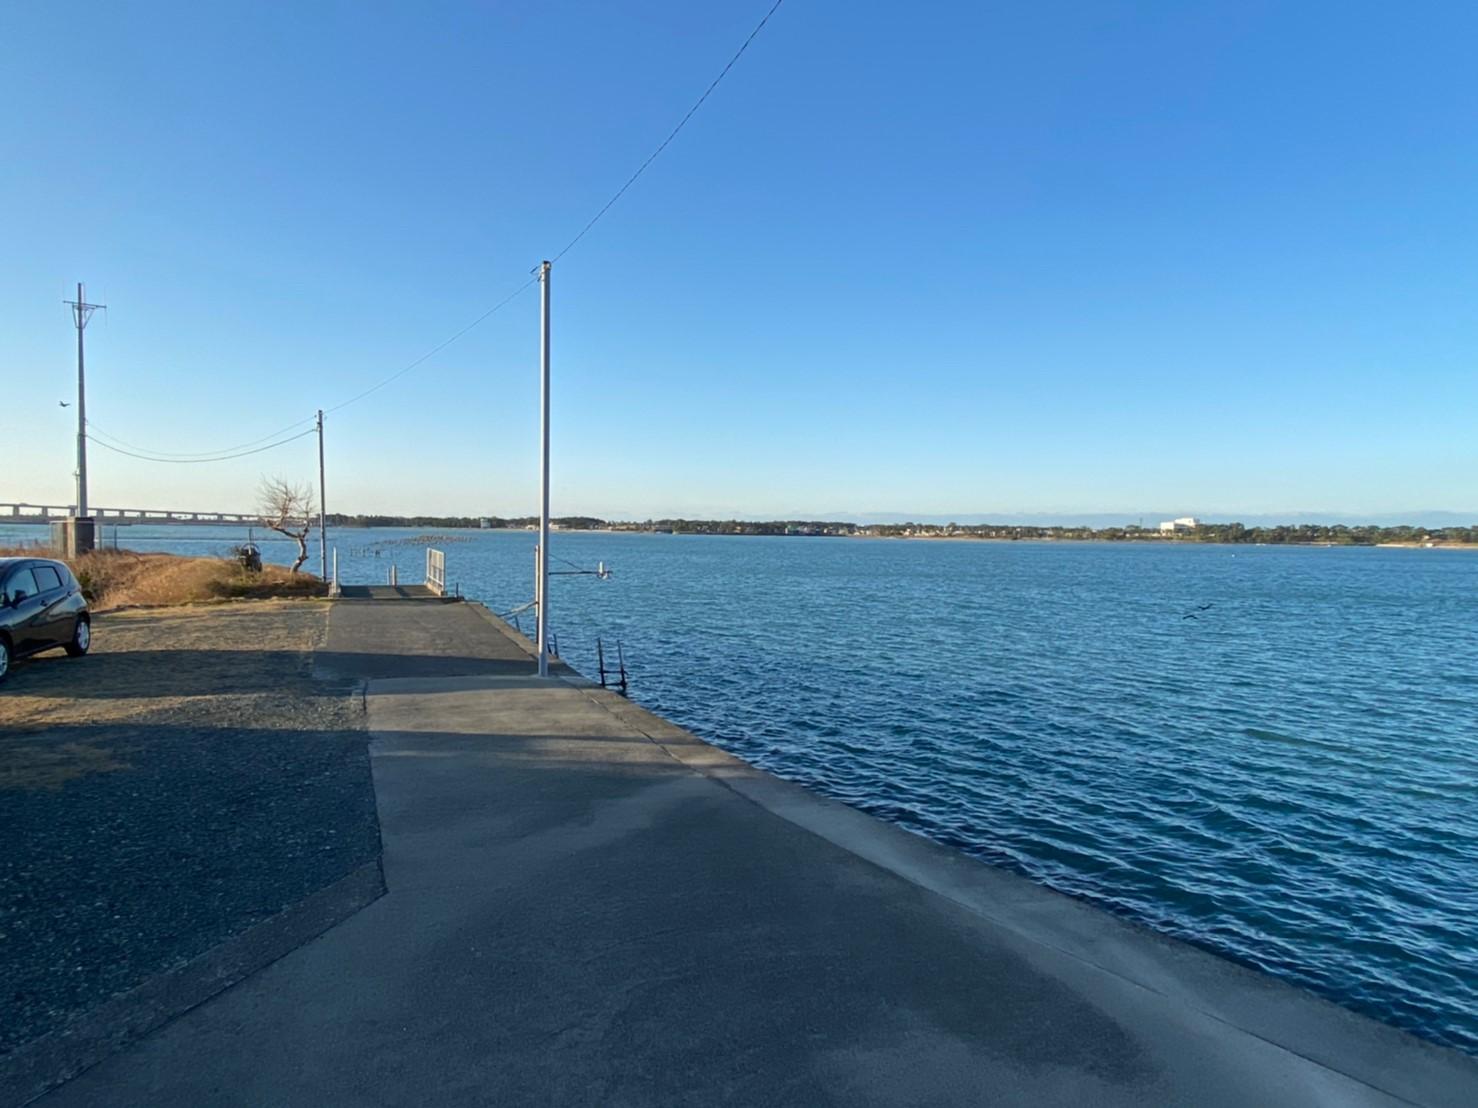 【浜名湖】『新弁天島・サクラマル周辺』の釣り場ガイド